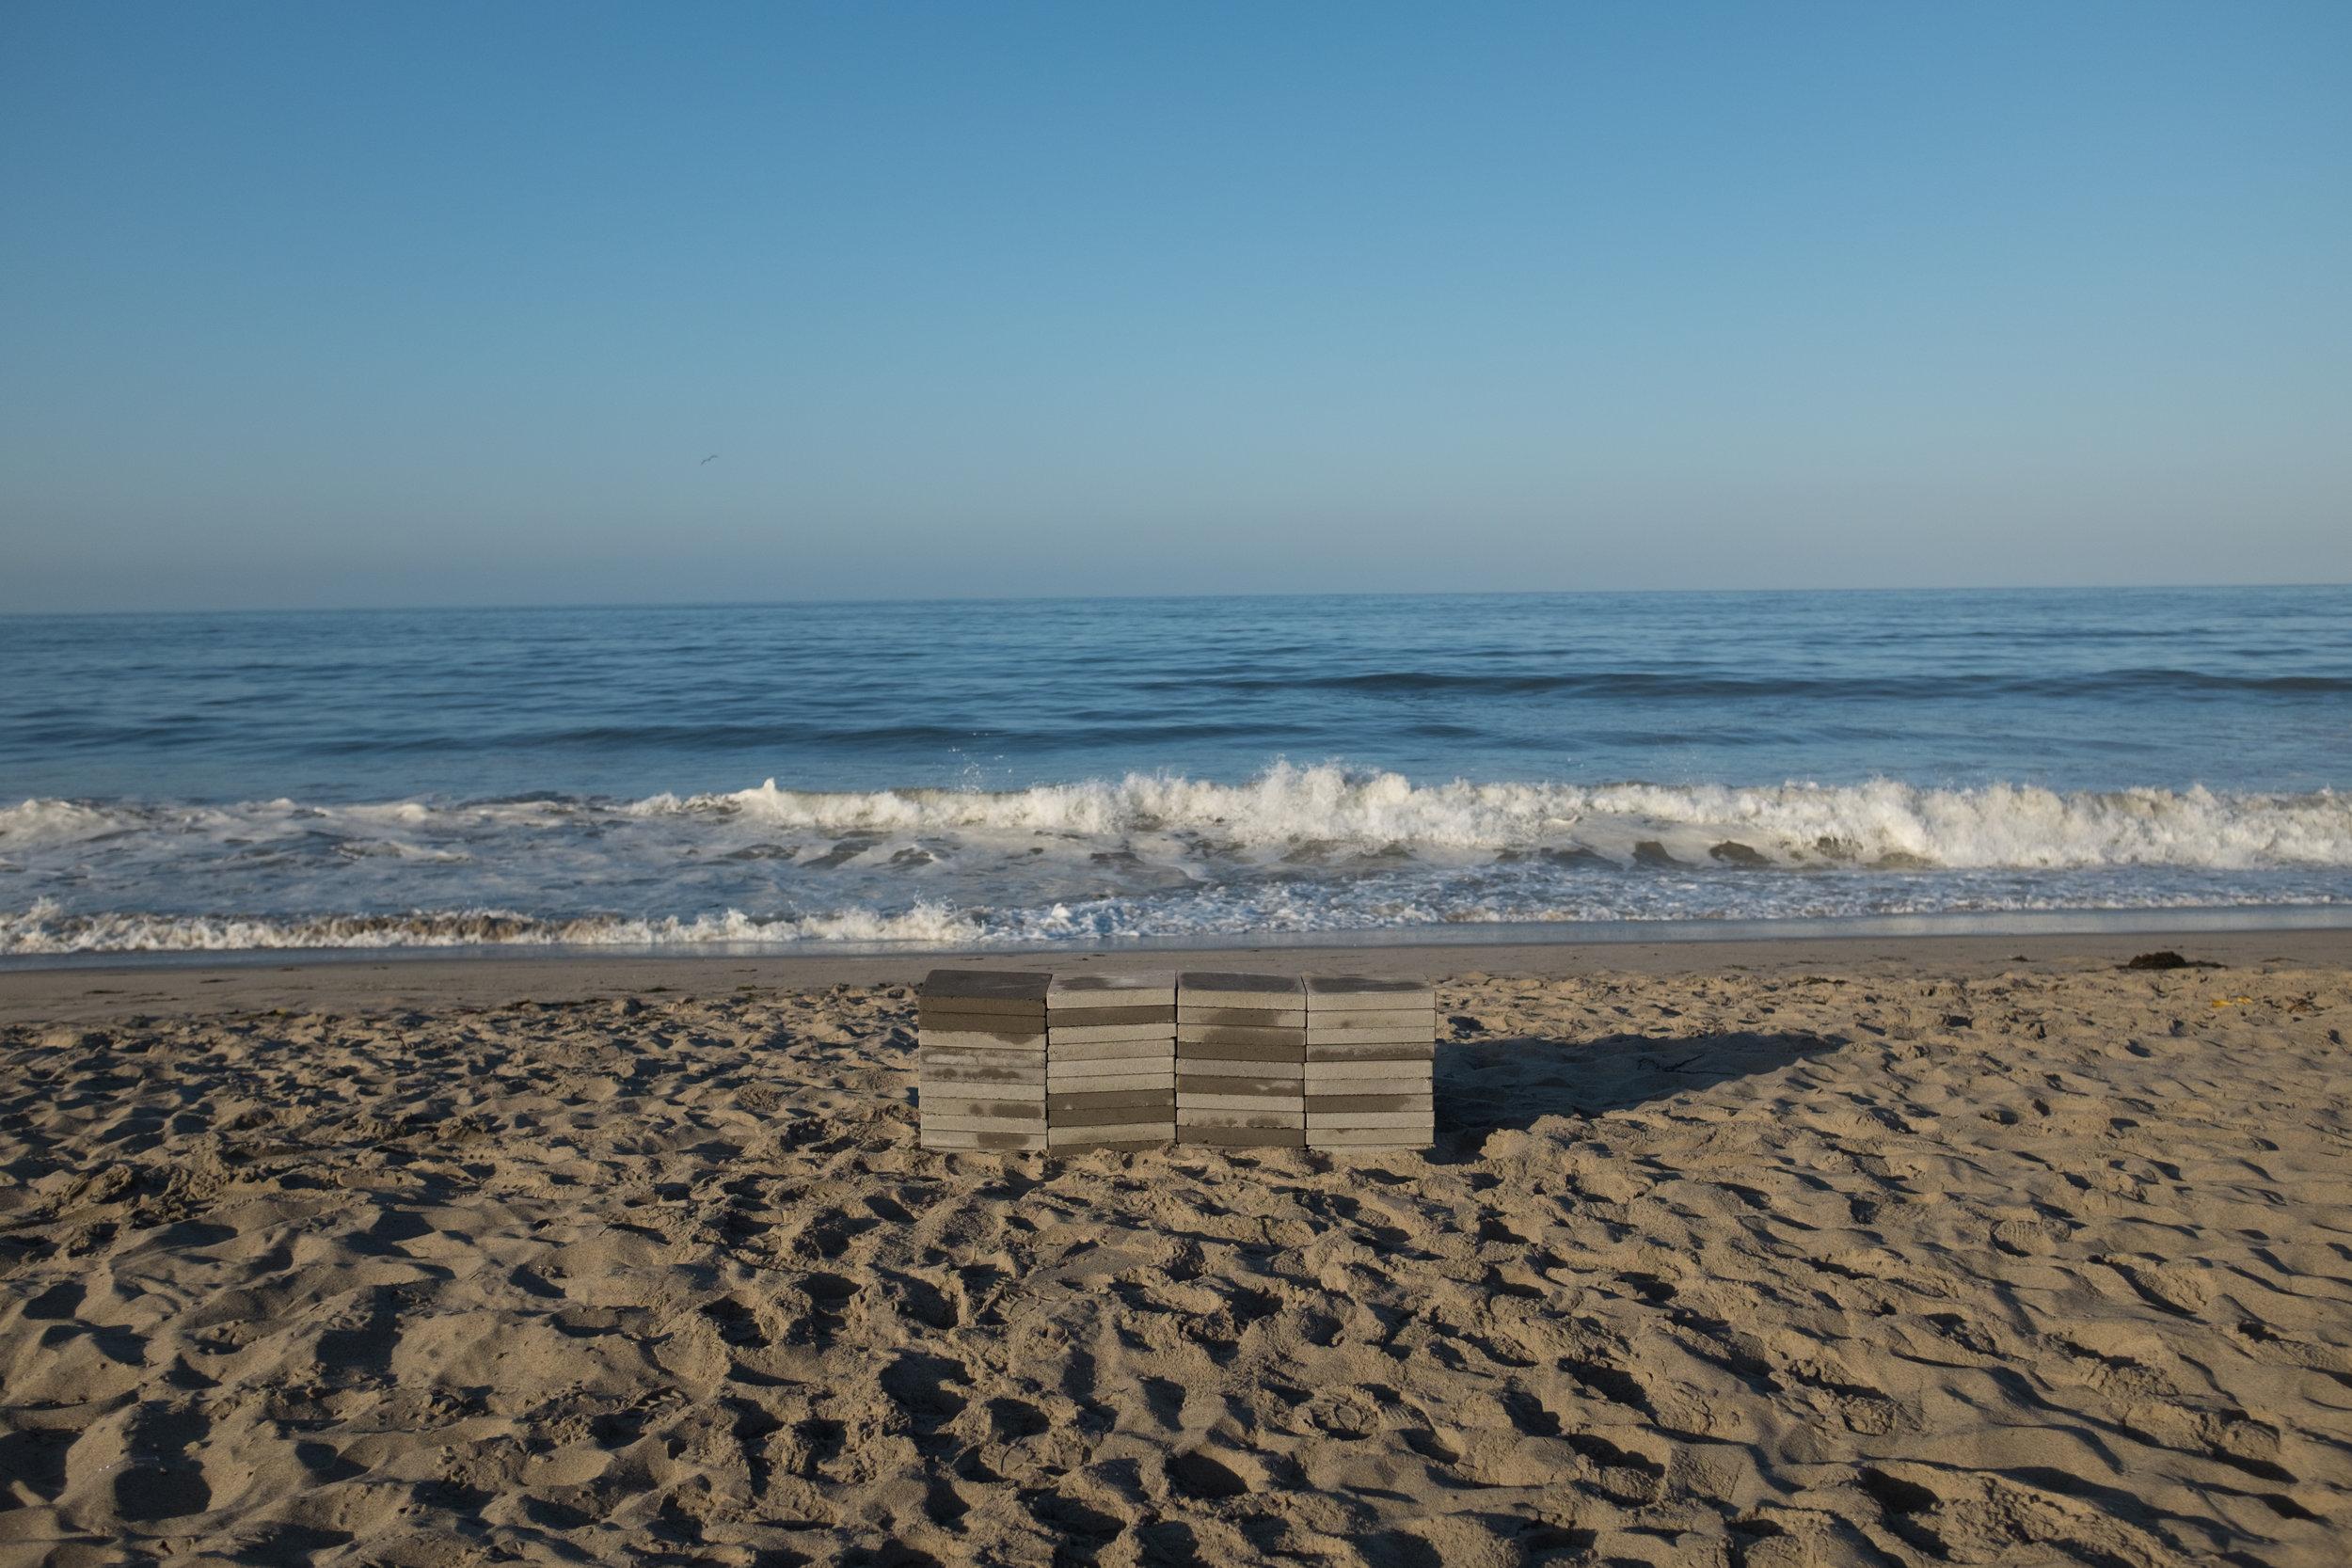 LUSH_Beach_170420_-1.jpg